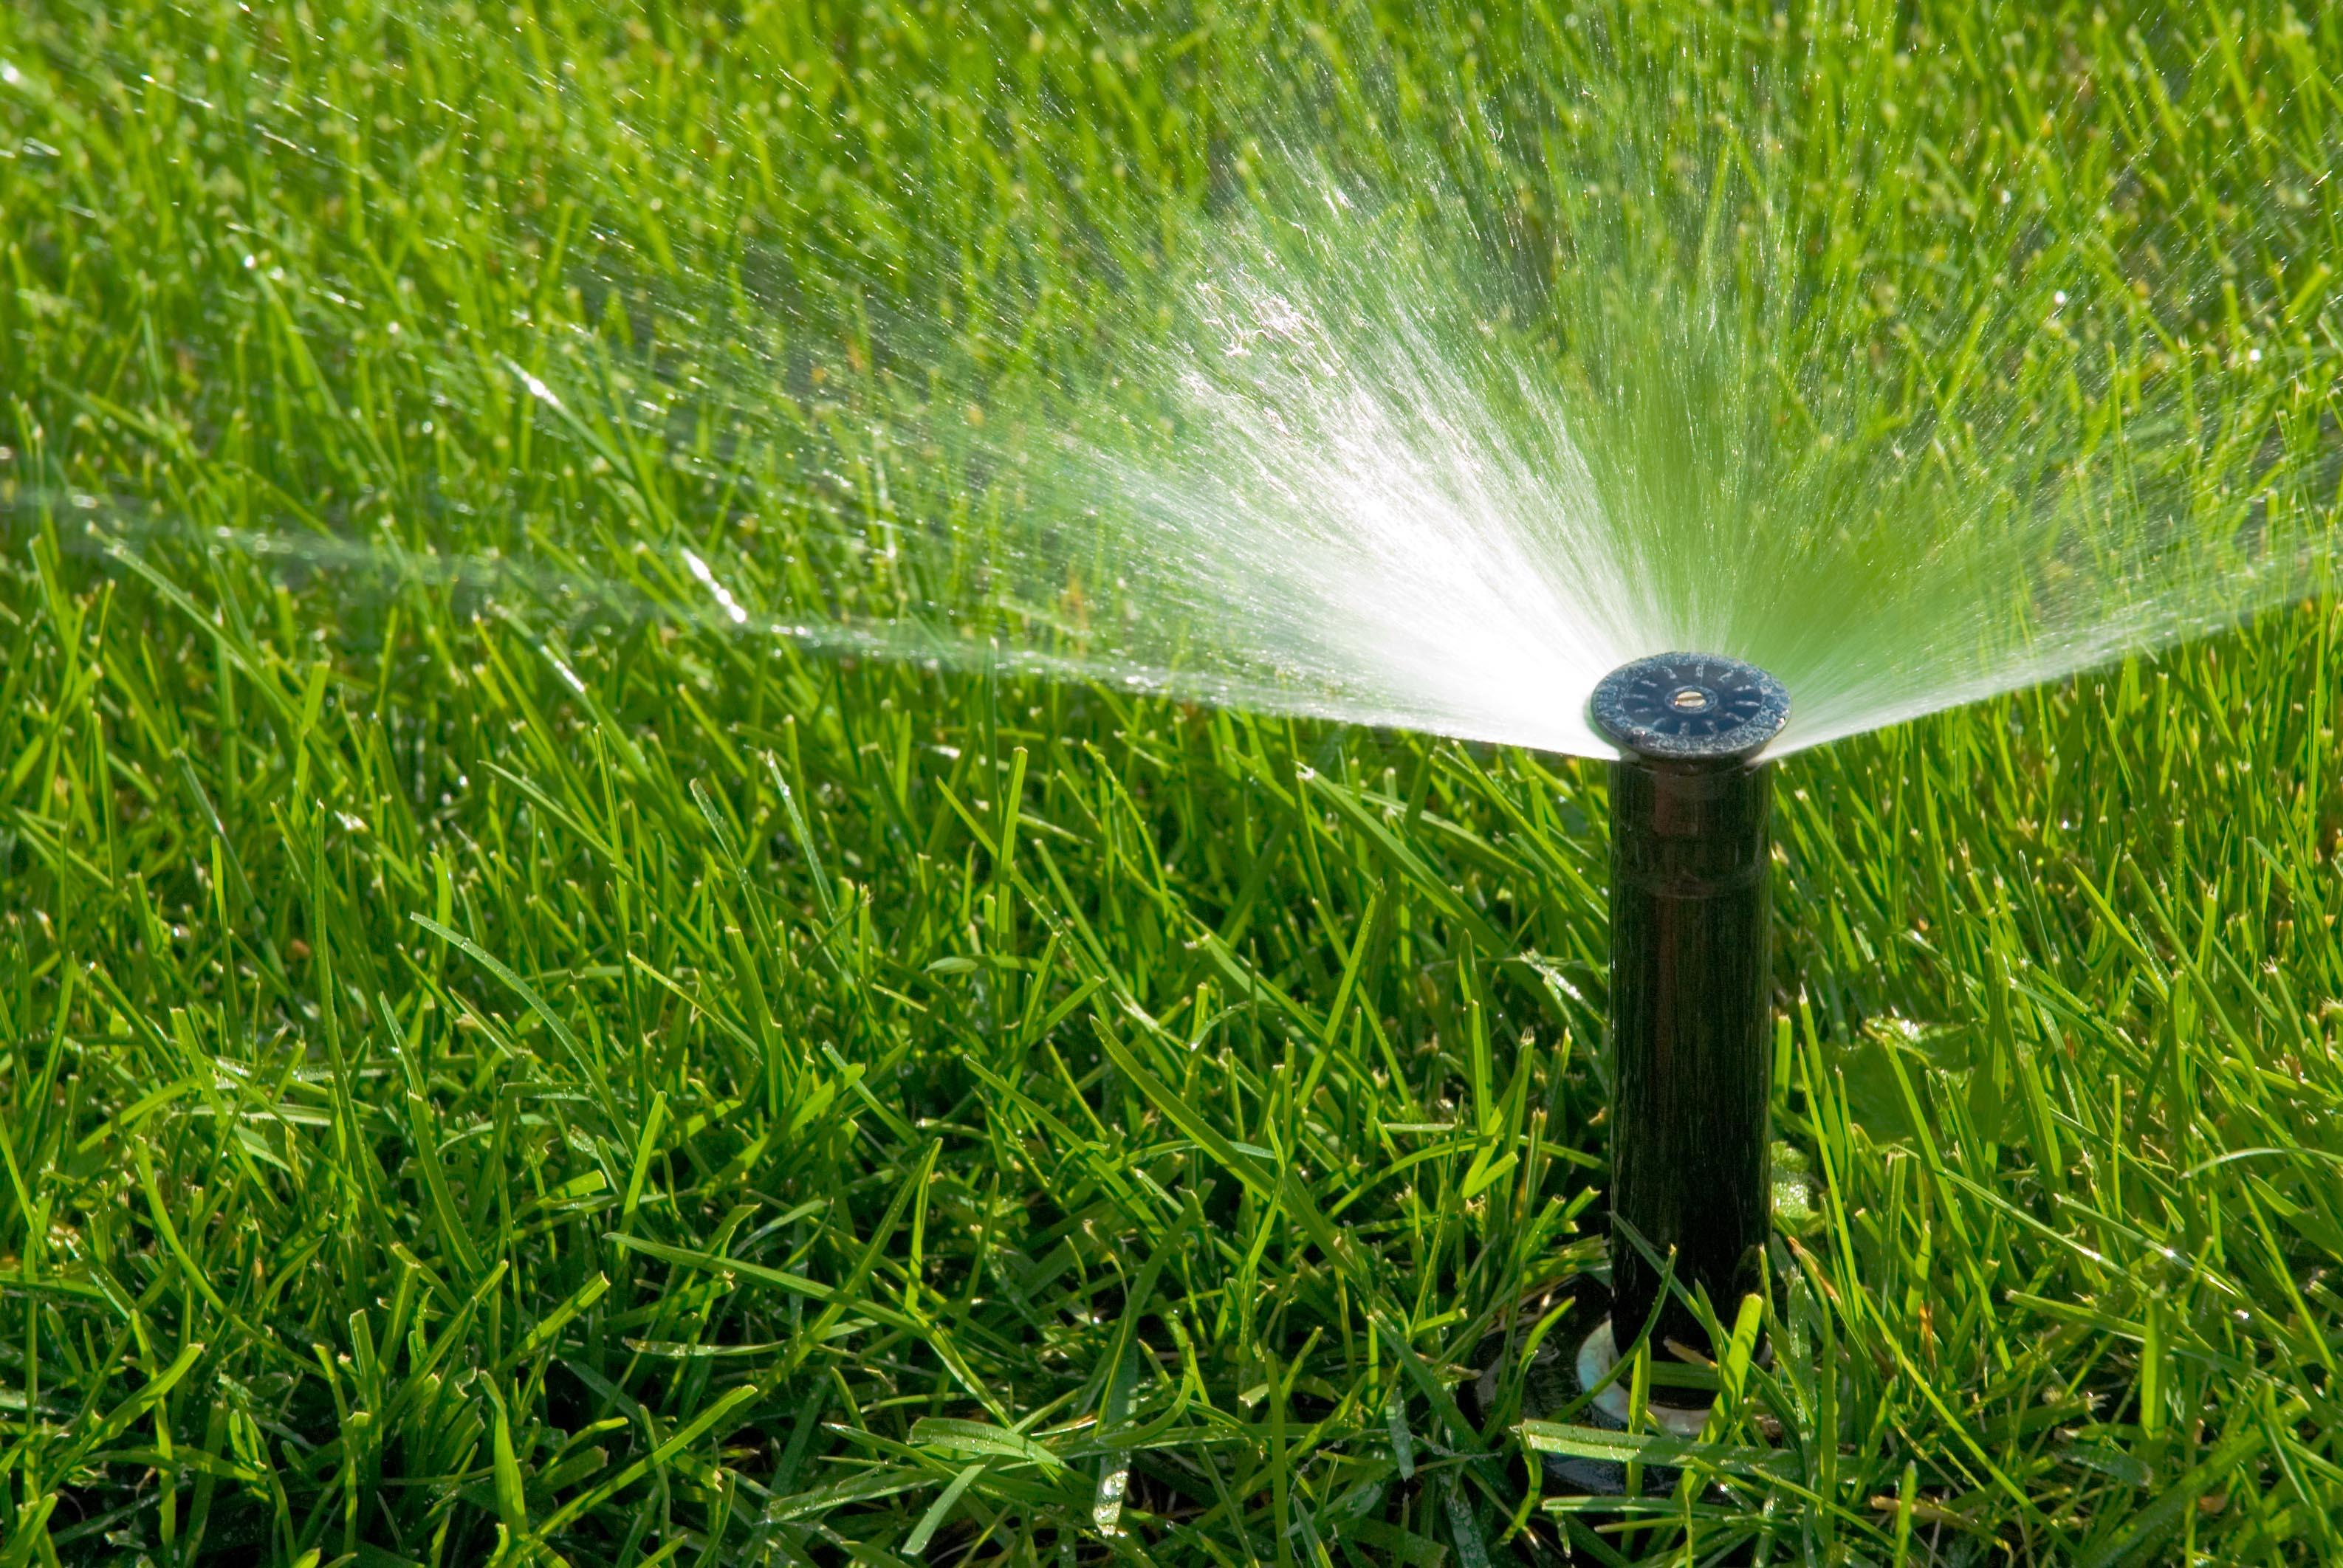 Shavano Park sprinklers